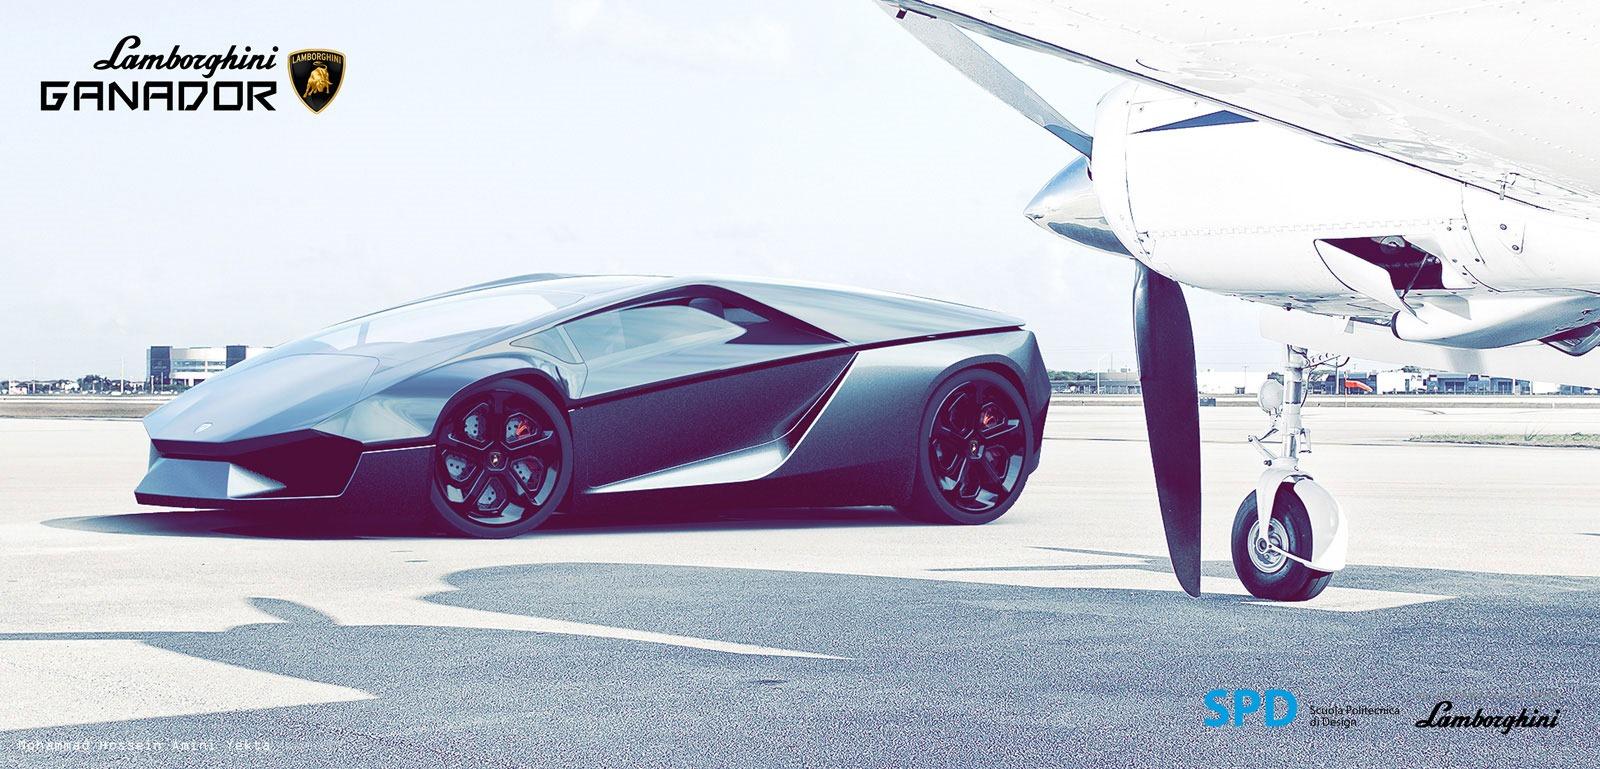 - Lamborghini-Ganador-Concept-32